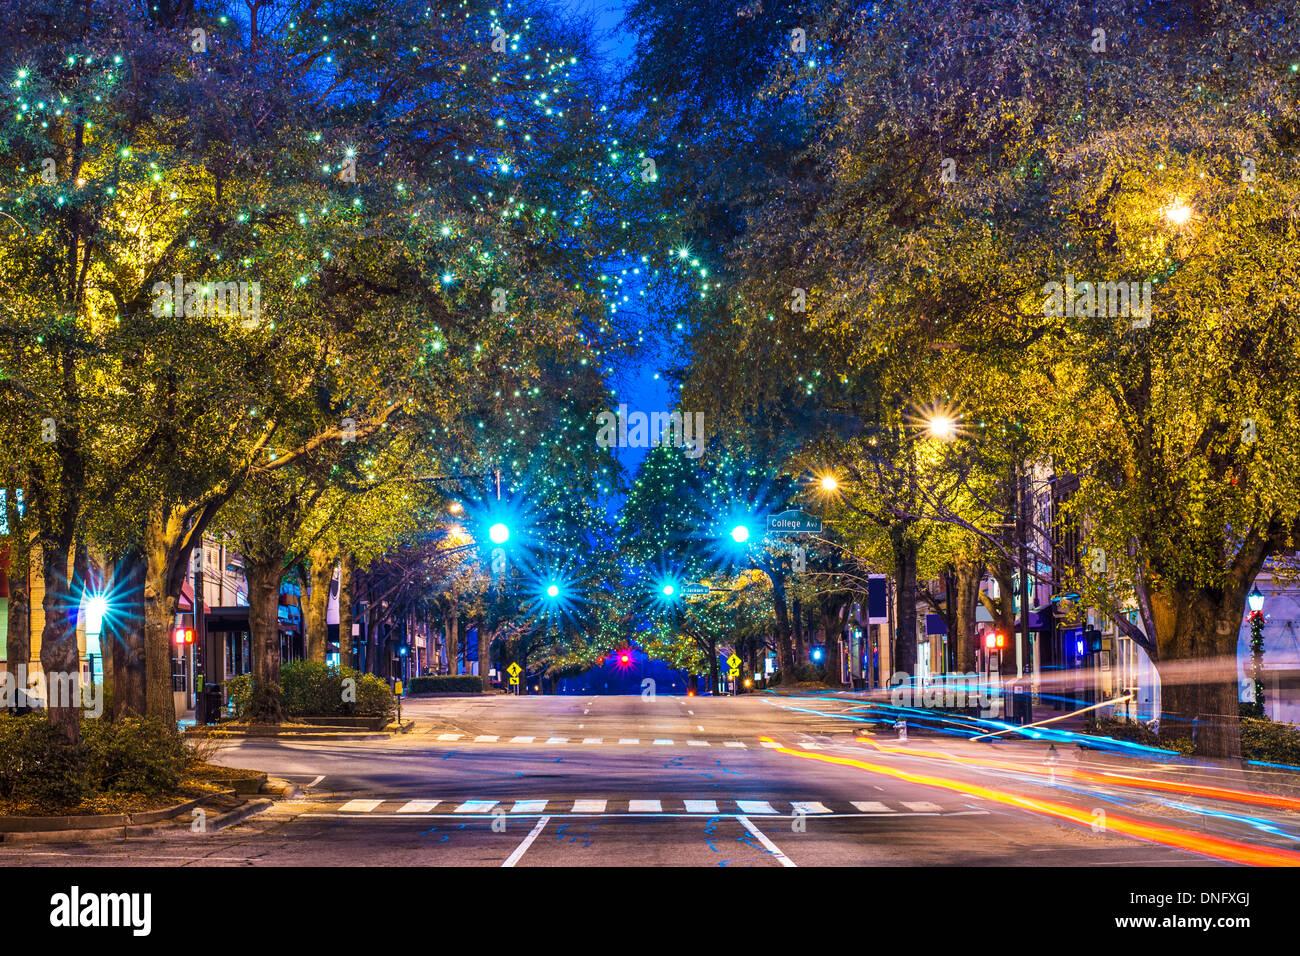 Il centro di Atene, GEORGIA, STATI UNITI D'AMERICA scena notturna. Immagini Stock